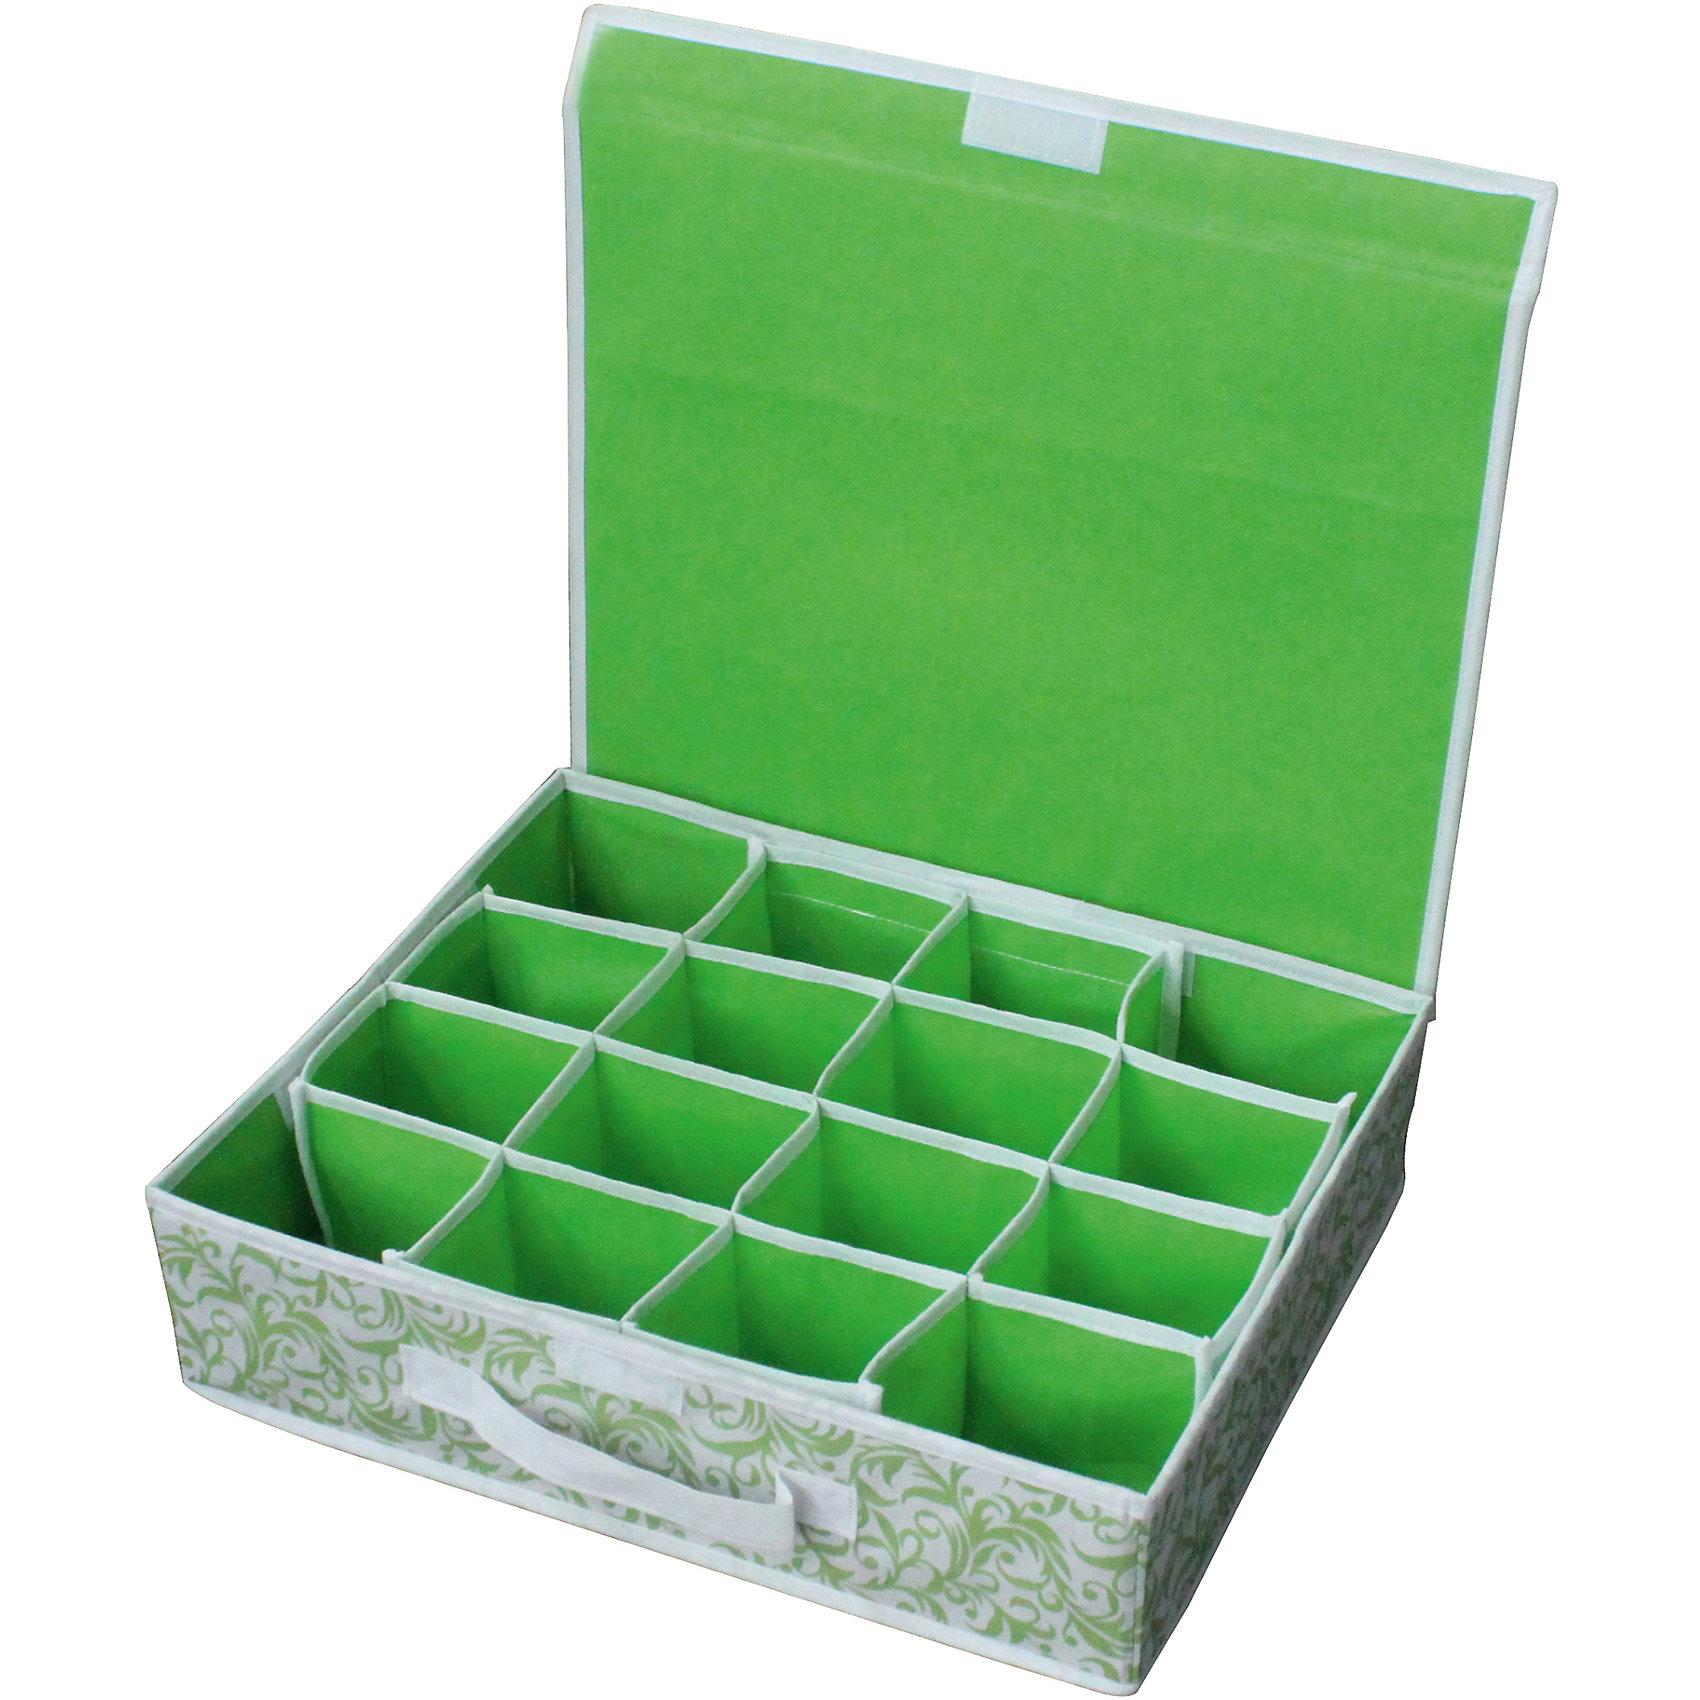 Коробка для хранения нижнего белья (16 ячеек) с откидной крышкой NWH-2, Рыжий КотКоллекция «Комфорт»<br><br>Размеры: 40*32*10см<br>Количество ячеек 16 штук<br>Откидная крышка.<br>Позволяет удобно и компактно хранить белье, носки и т.д. <br>Удобная ручка для переноски<br><br>Защищает от моли и насекомых<br>Защищает от влаги и загрязнений<br>Пылеотталкивающий, не электризующийся материал<br><br>Материал: спанбонд, картон<br><br>Ширина мм: 425<br>Глубина мм: 365<br>Высота мм: 28<br>Вес г: 592<br>Возраст от месяцев: 36<br>Возраст до месяцев: 1080<br>Пол: Унисекс<br>Возраст: Детский<br>SKU: 4288567